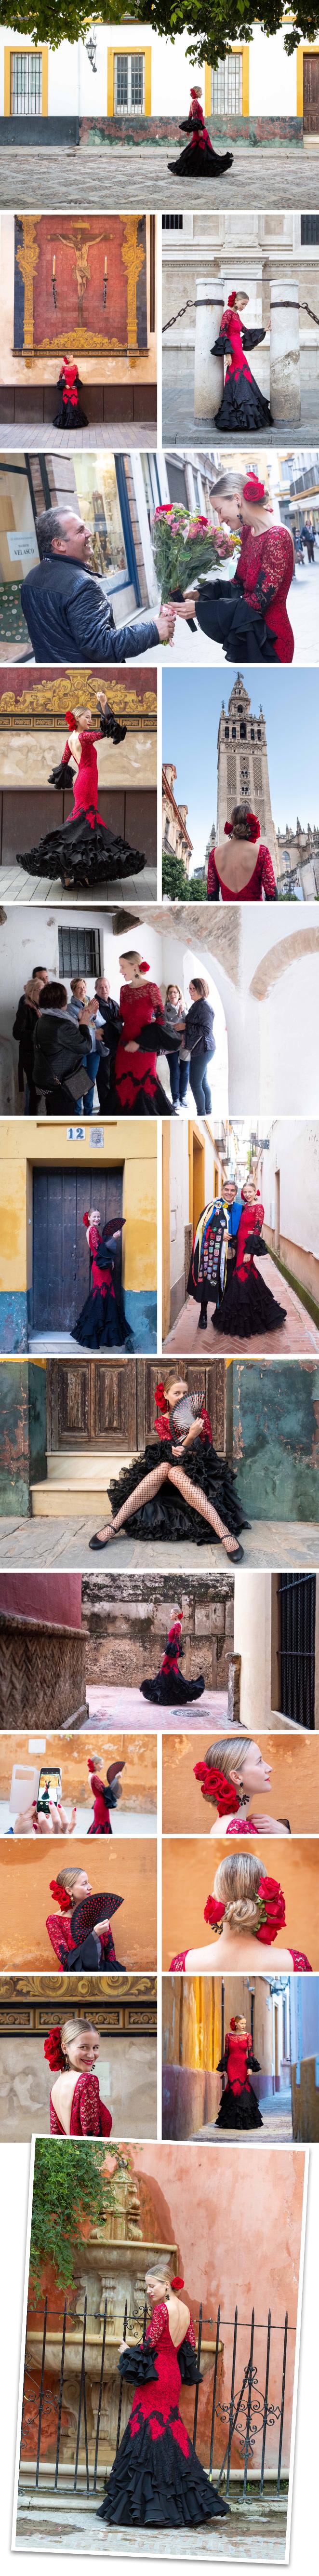 Y que suerte que fuera el gran fotógrafo Tomás Muruagael que me retrató ese día. Hicimos un buen recorrido por mis rincones favoritos del centro de Sevilla